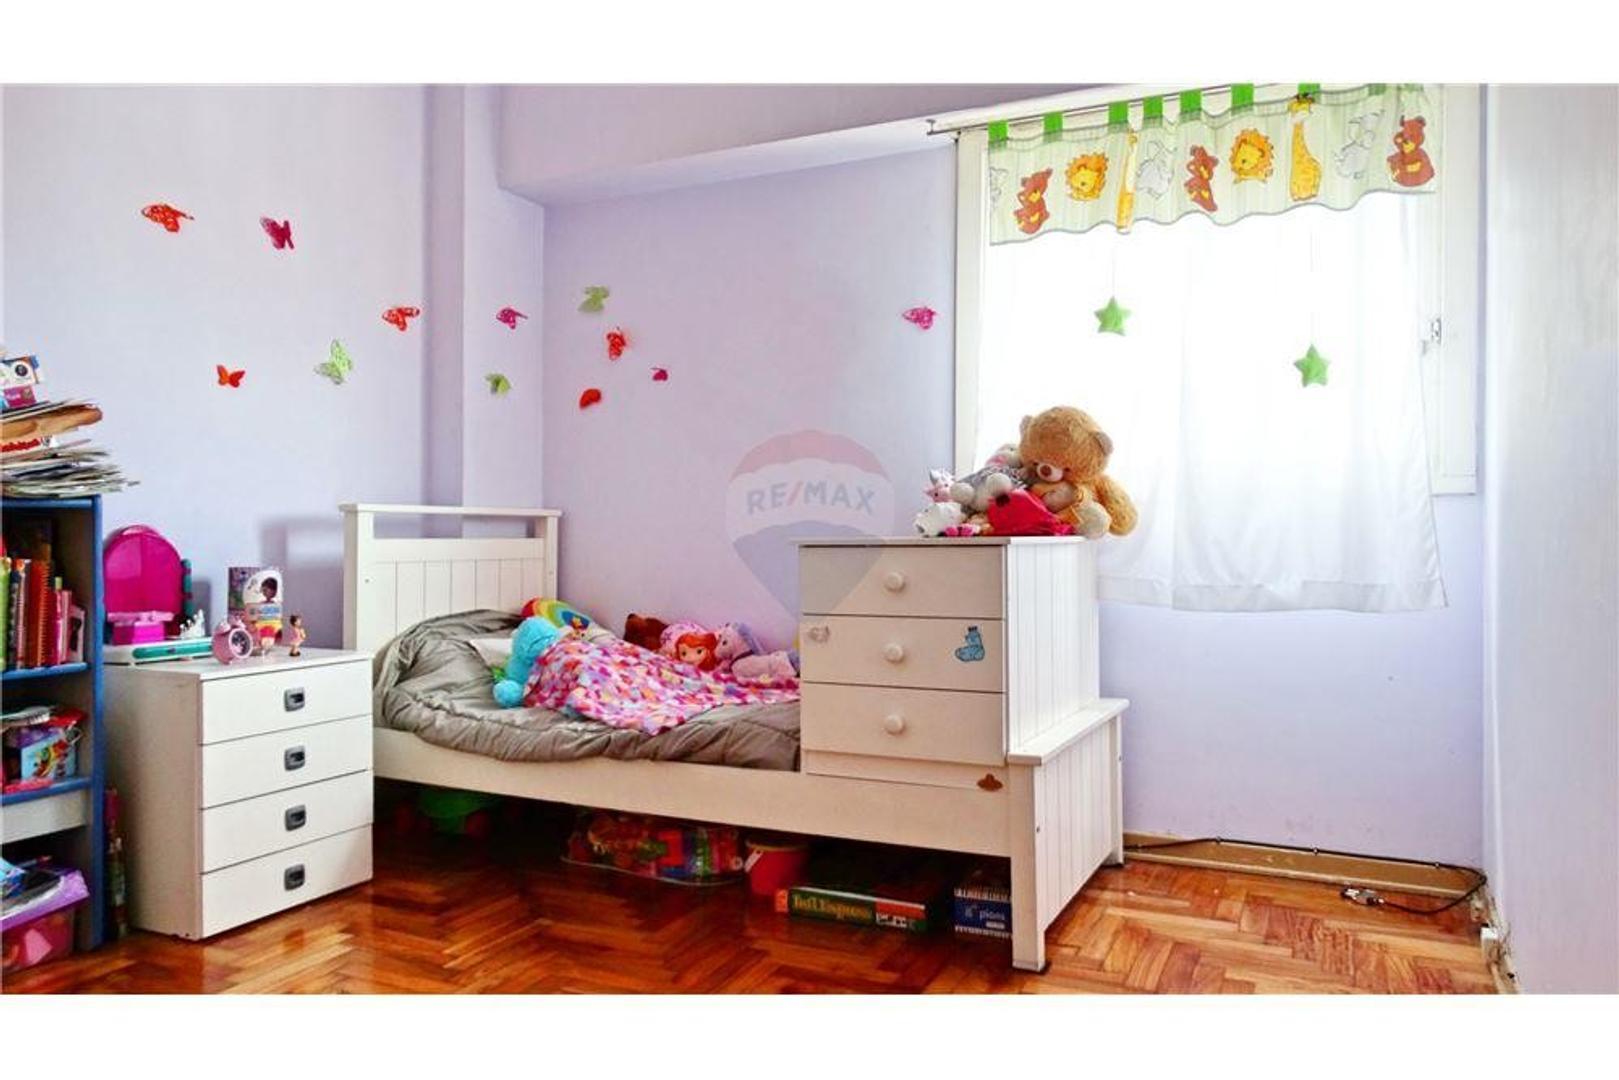 Departamento - 2 dormitorios | 20 años | 1 baño